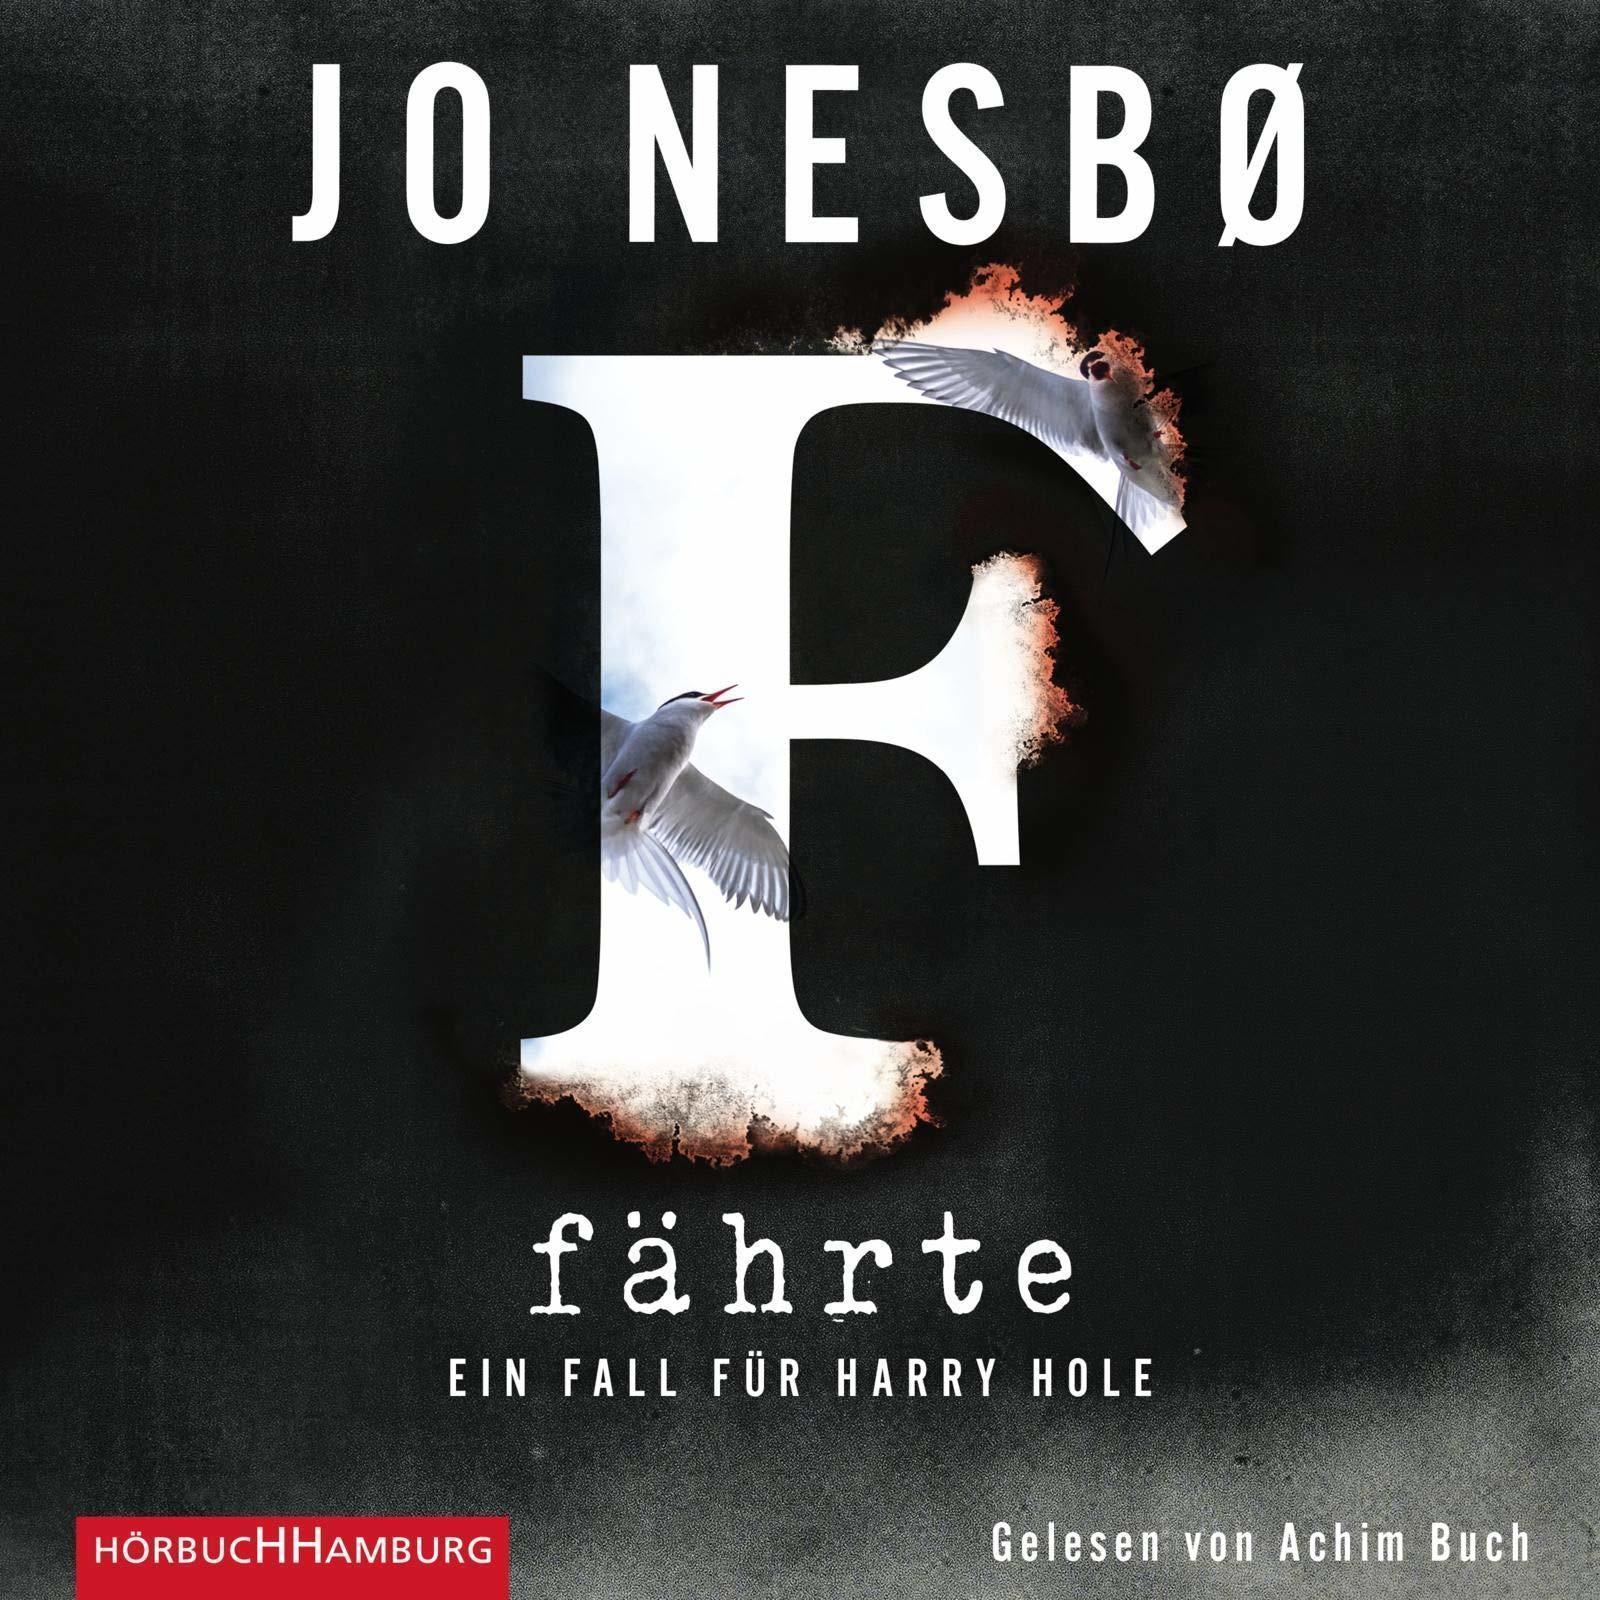 Fährte: Ein Fall für Harry Hole (MP3-CD(s)) für 15,99 Euro